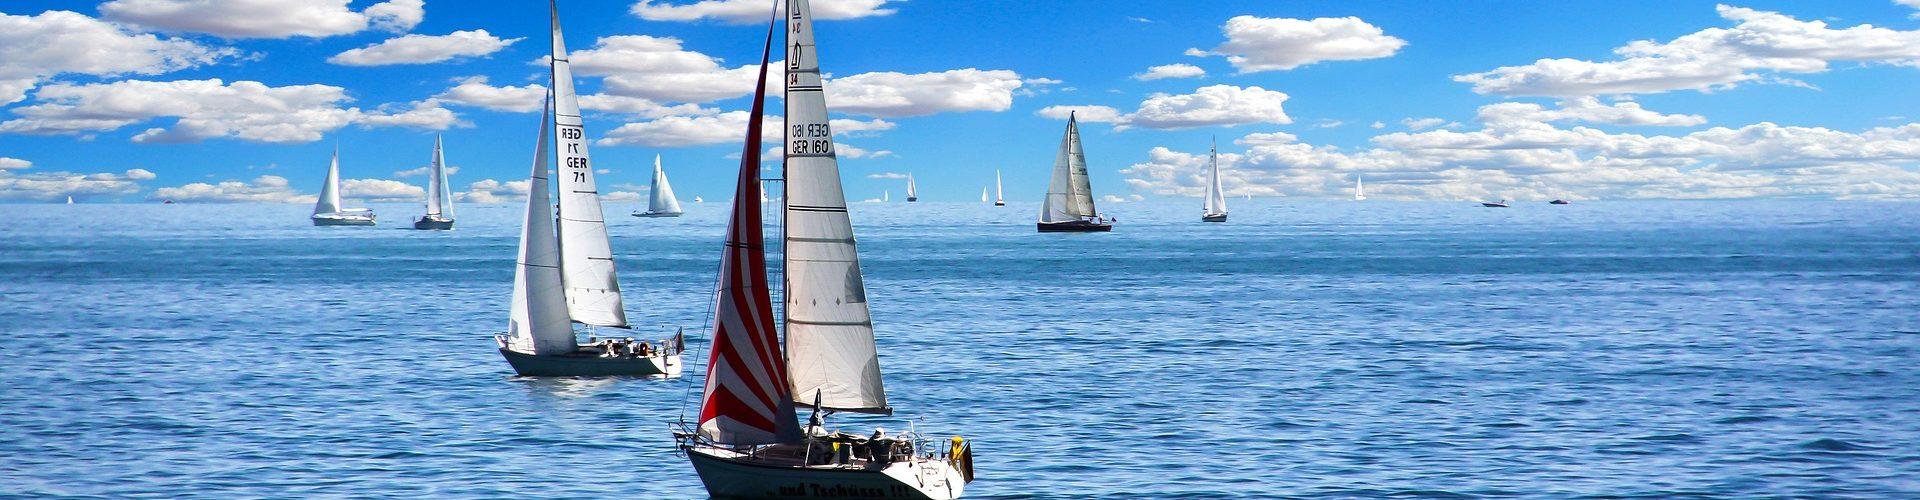 segeln lernen in Troisdorf segelschein machen in Troisdorf 1920x500 - Segeln lernen in Troisdorf